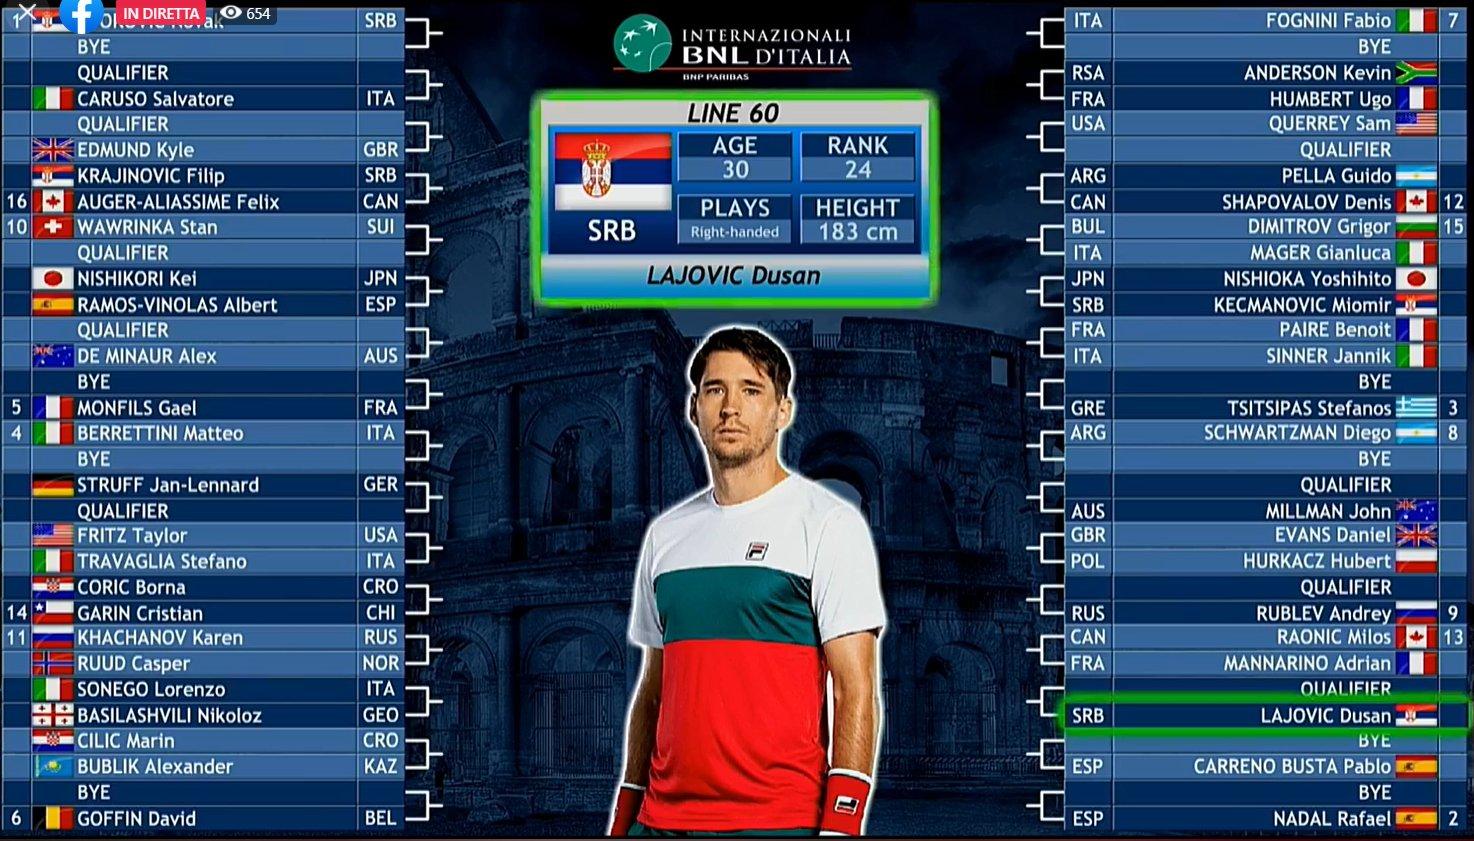 Tabellone Internazionali BNL d'Italia 2020: Djokovic numero 1, c'è Berrettini